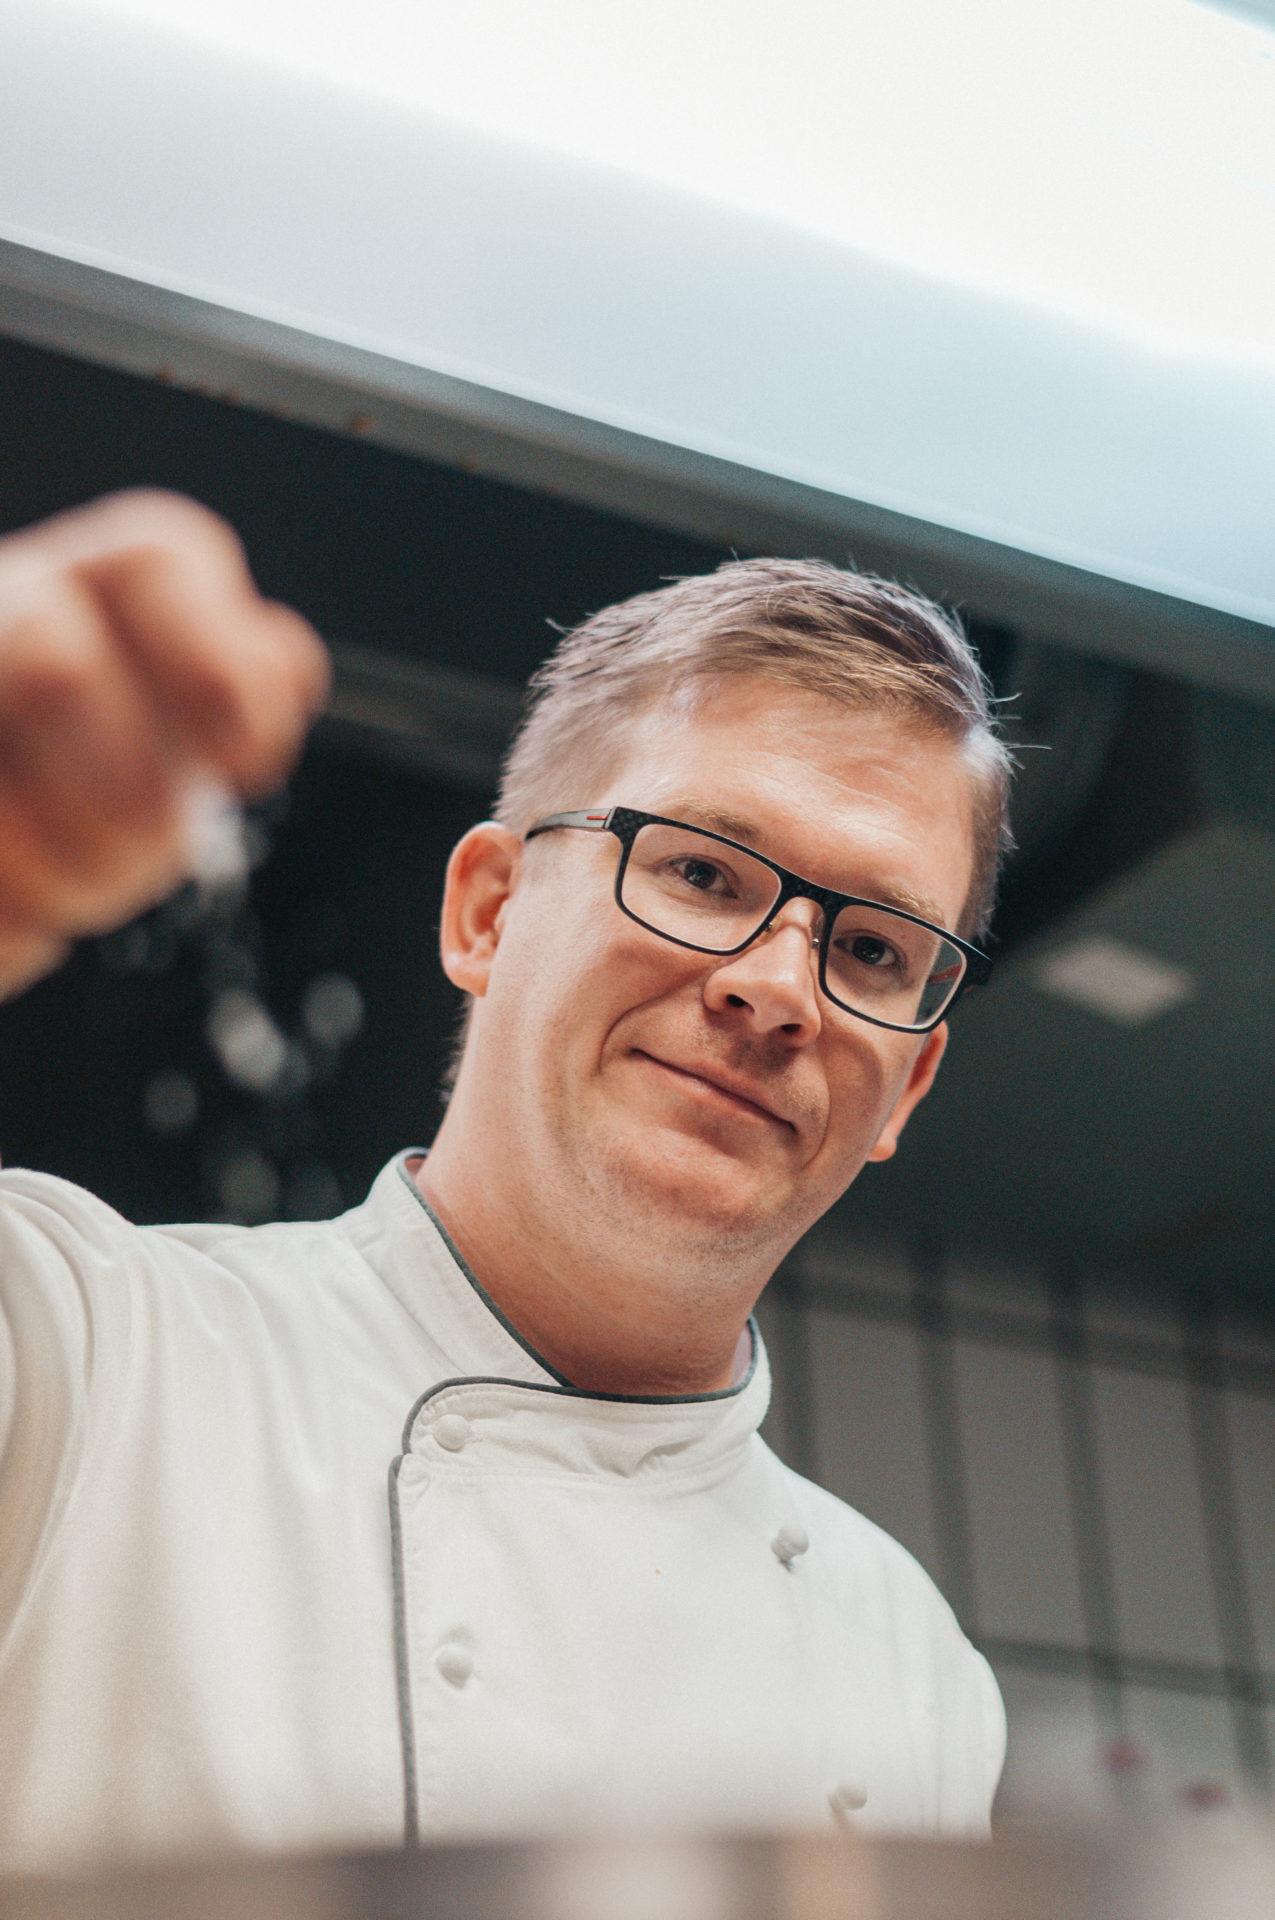 Ferienhaus Mosel - Vorstellung Sascha Birkenbeil vom Restaurant Onkel Otto in Pommern